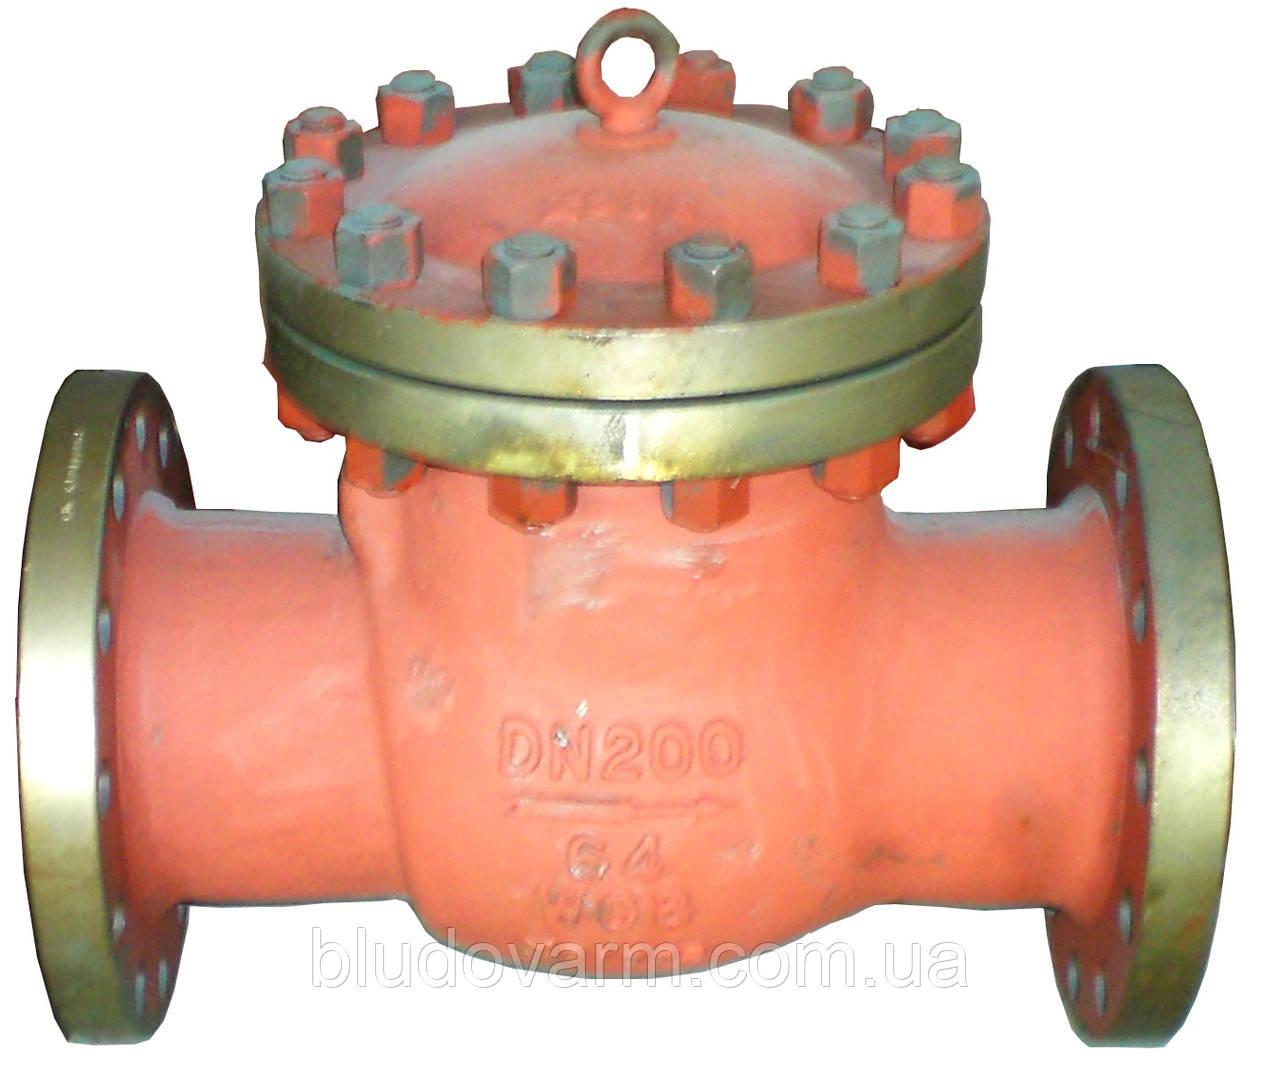 Клапан обратный стальной 16с13нж, 16с10нж, 19с53нж, 19с63нж Ду15-200